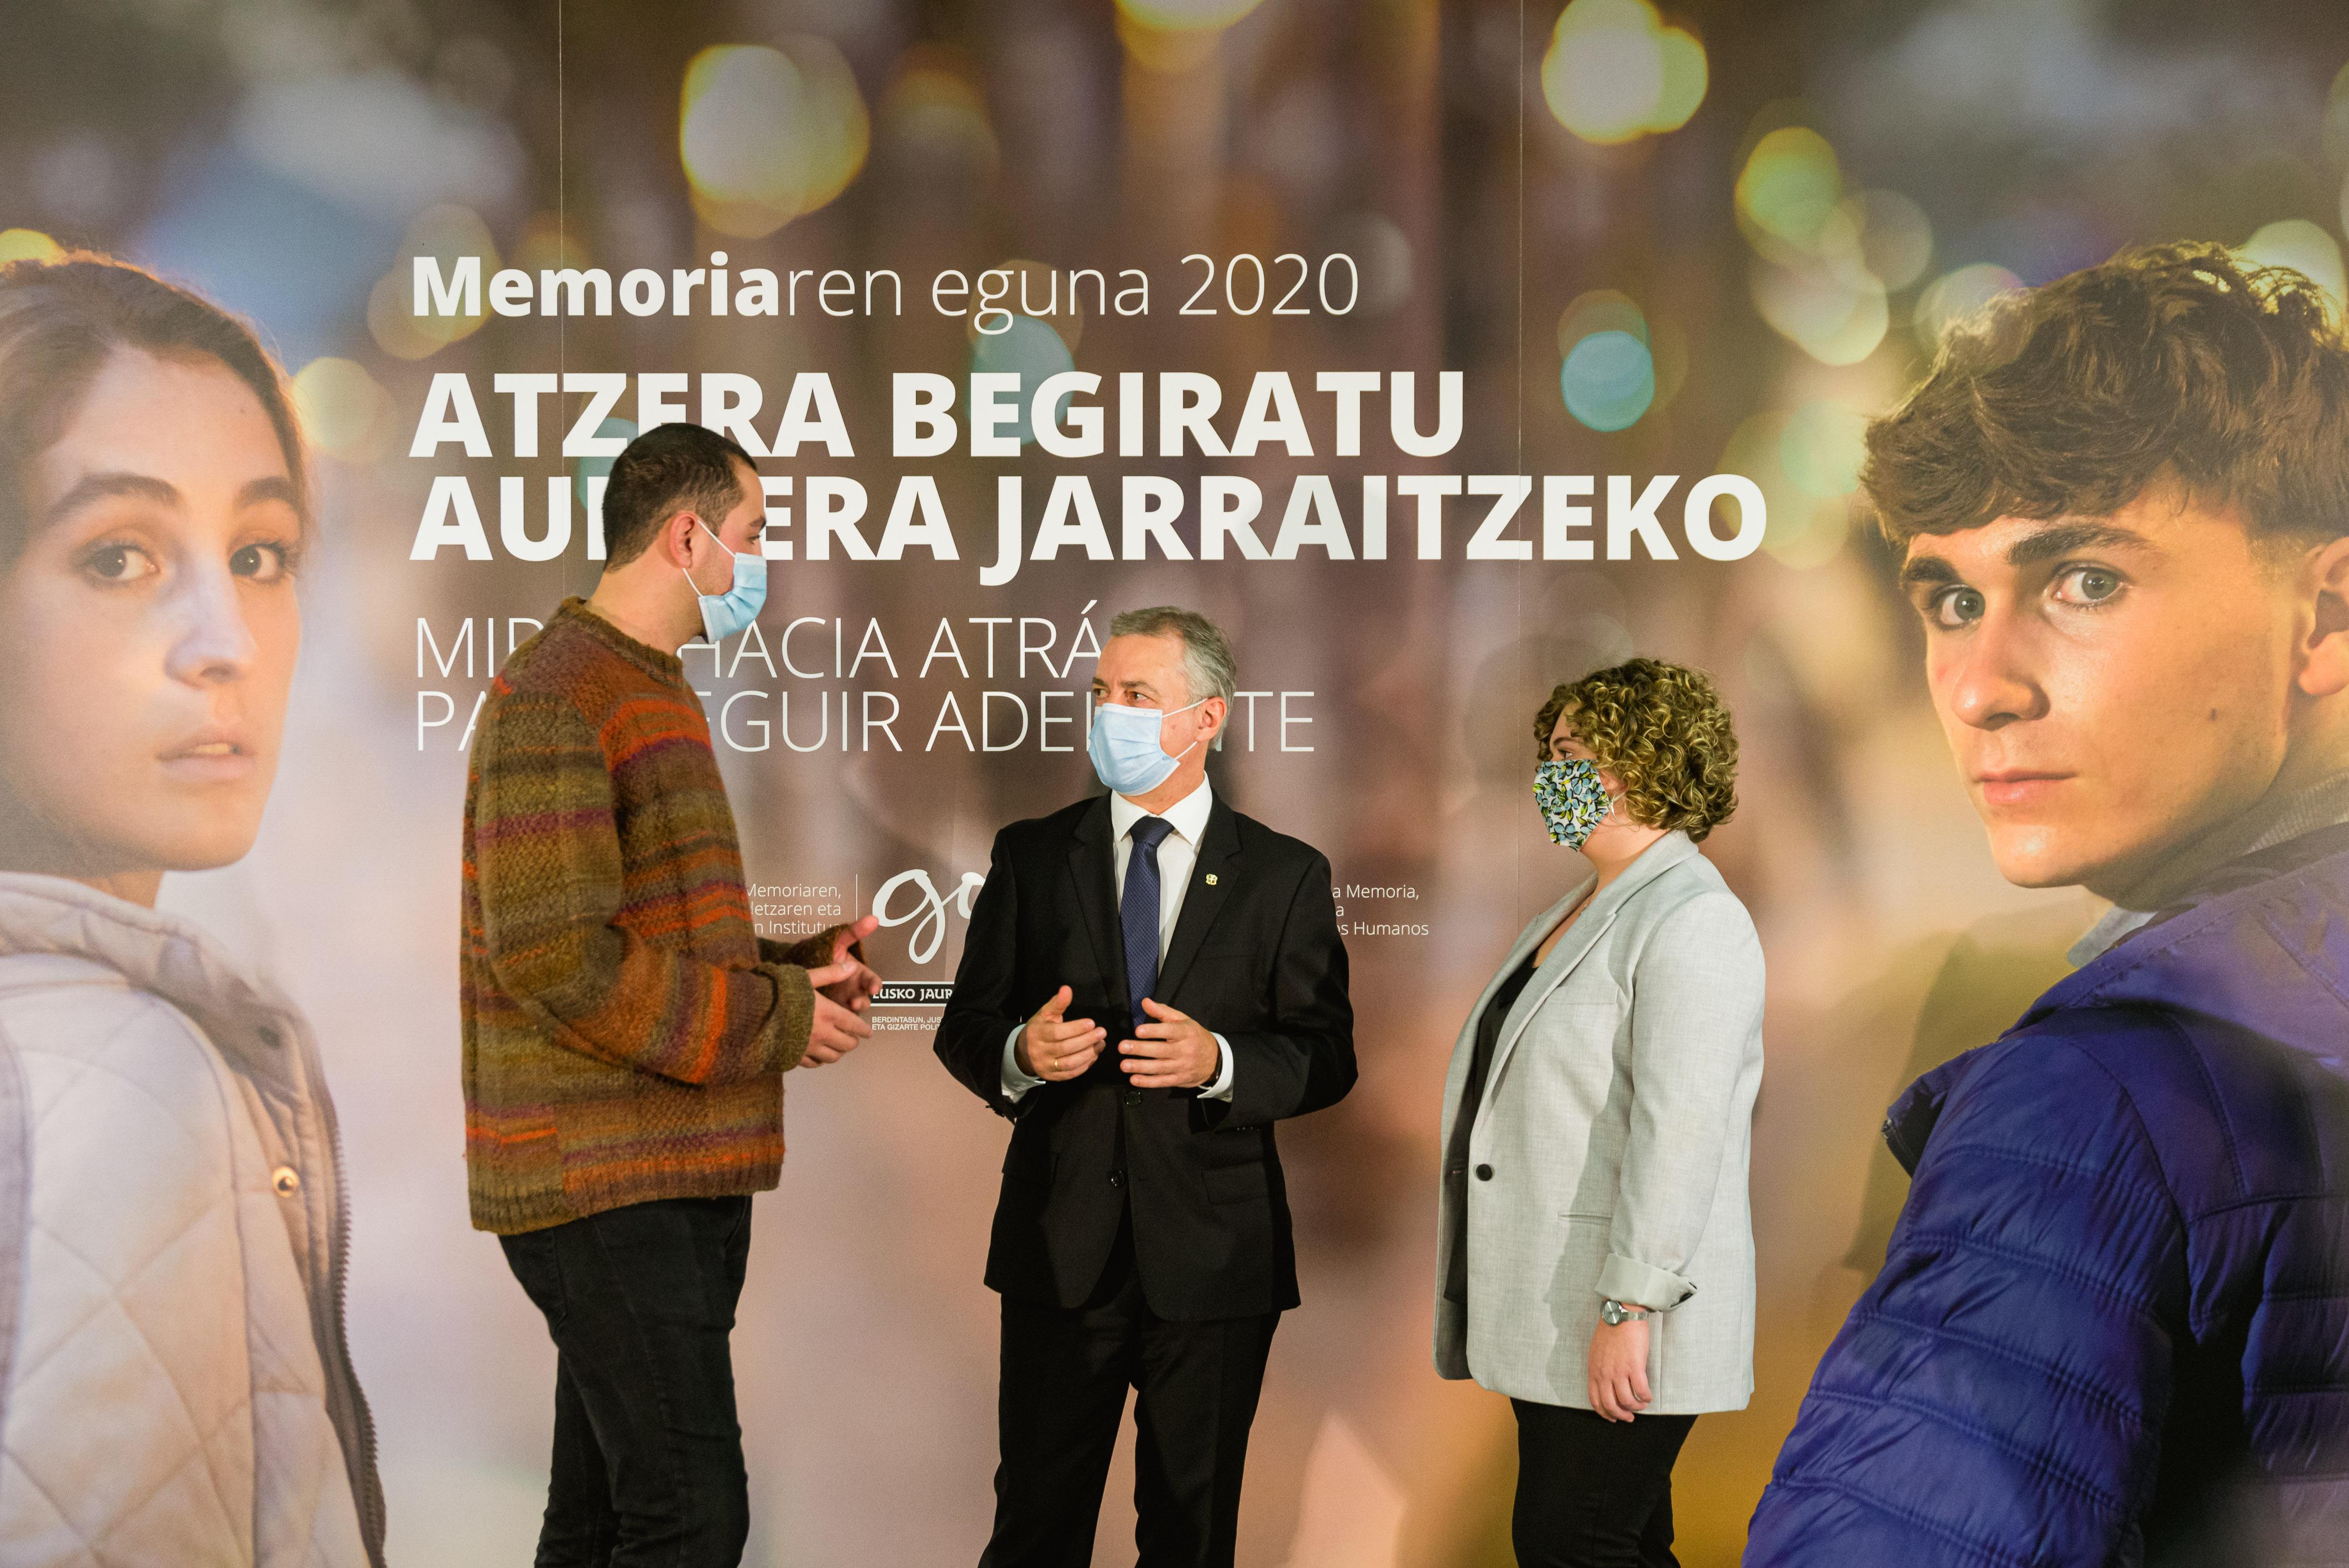 Dia-memoria_Bilbao_10-11-2020_usual-6561.jpg